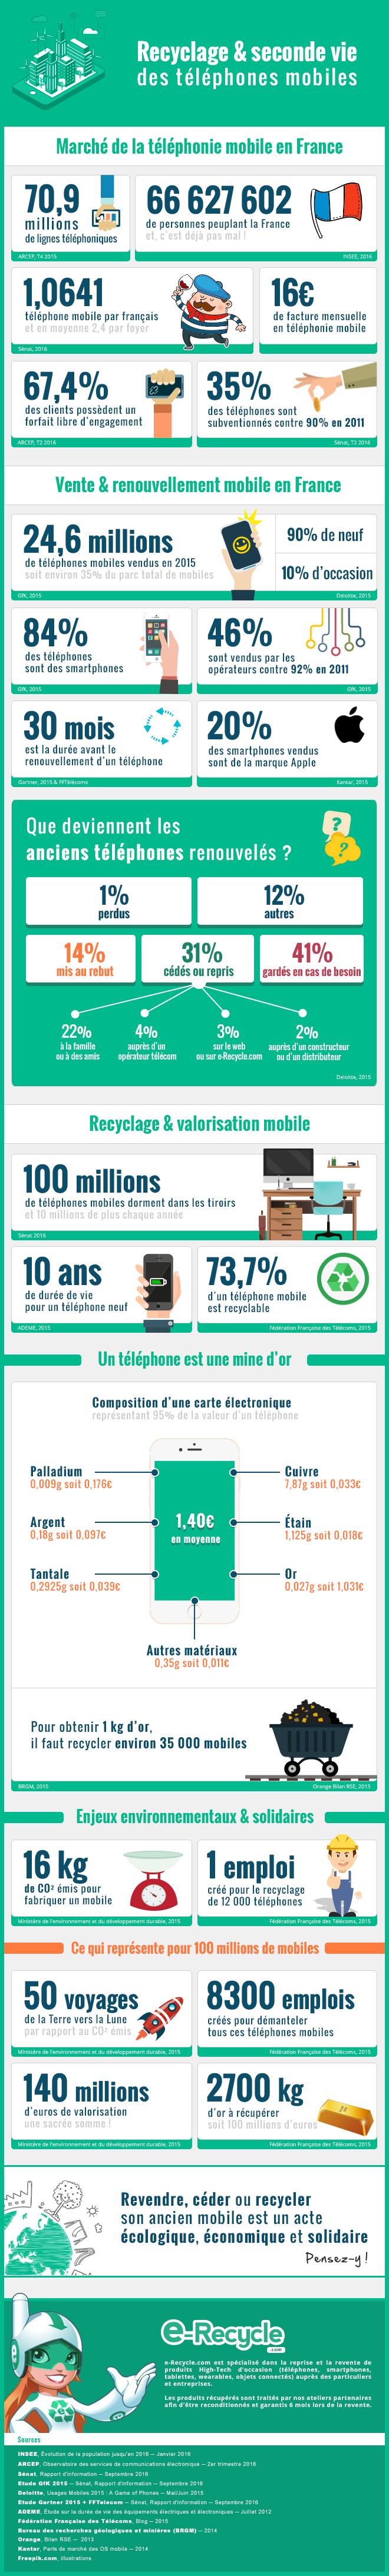 Infographie sur le recyclage et la seconde vie des téléphones © e-Recycle.com